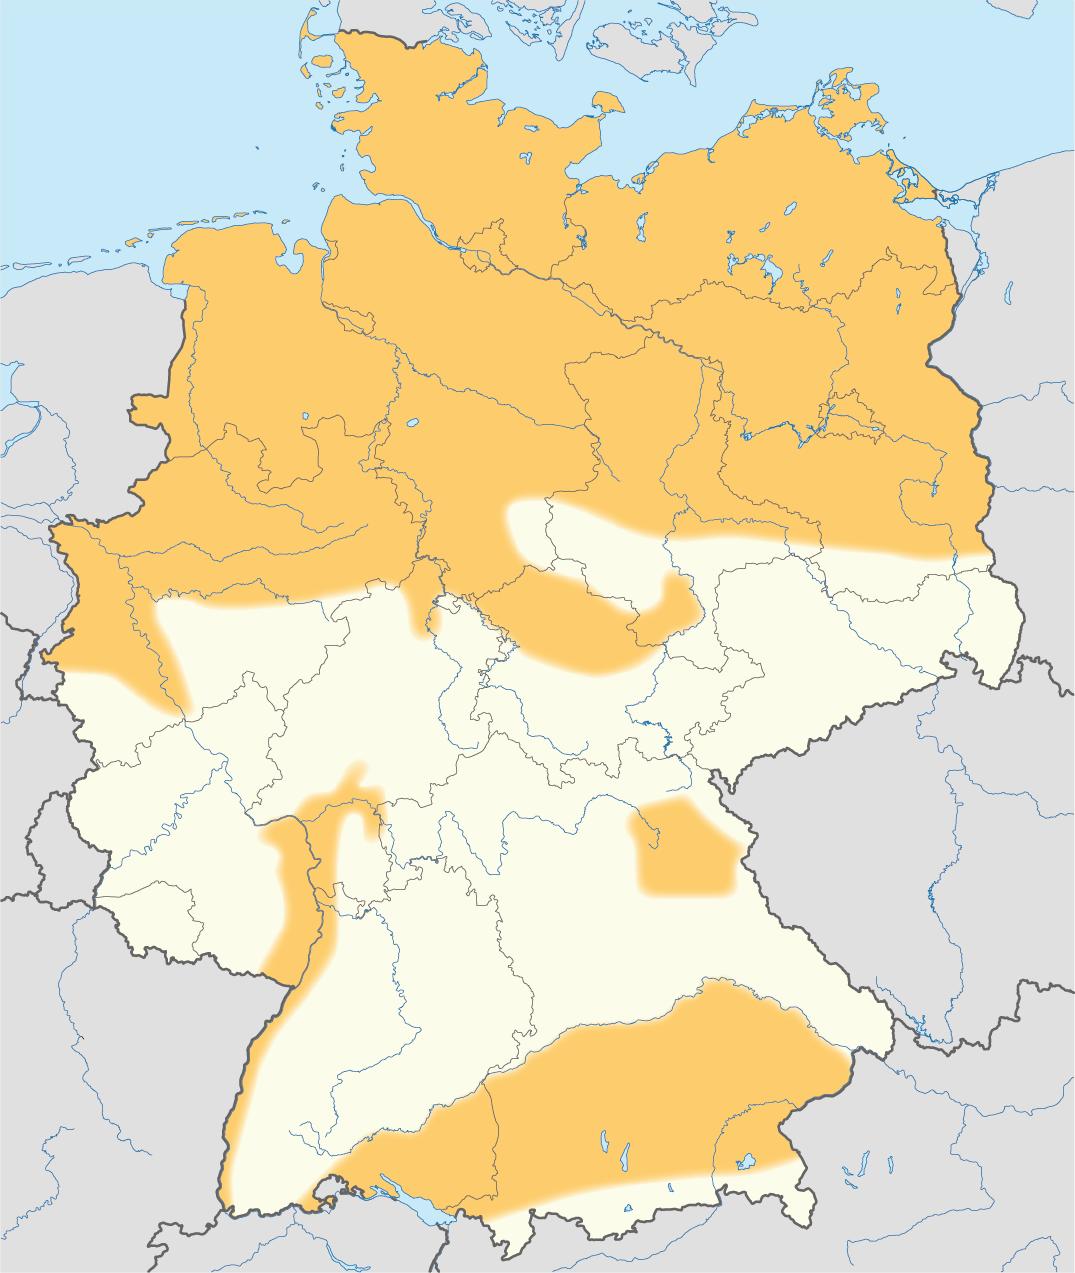 fracking karte deutschland File:Gebiete mit Schiefergaspotenzialen in Deutschland (Karte).png